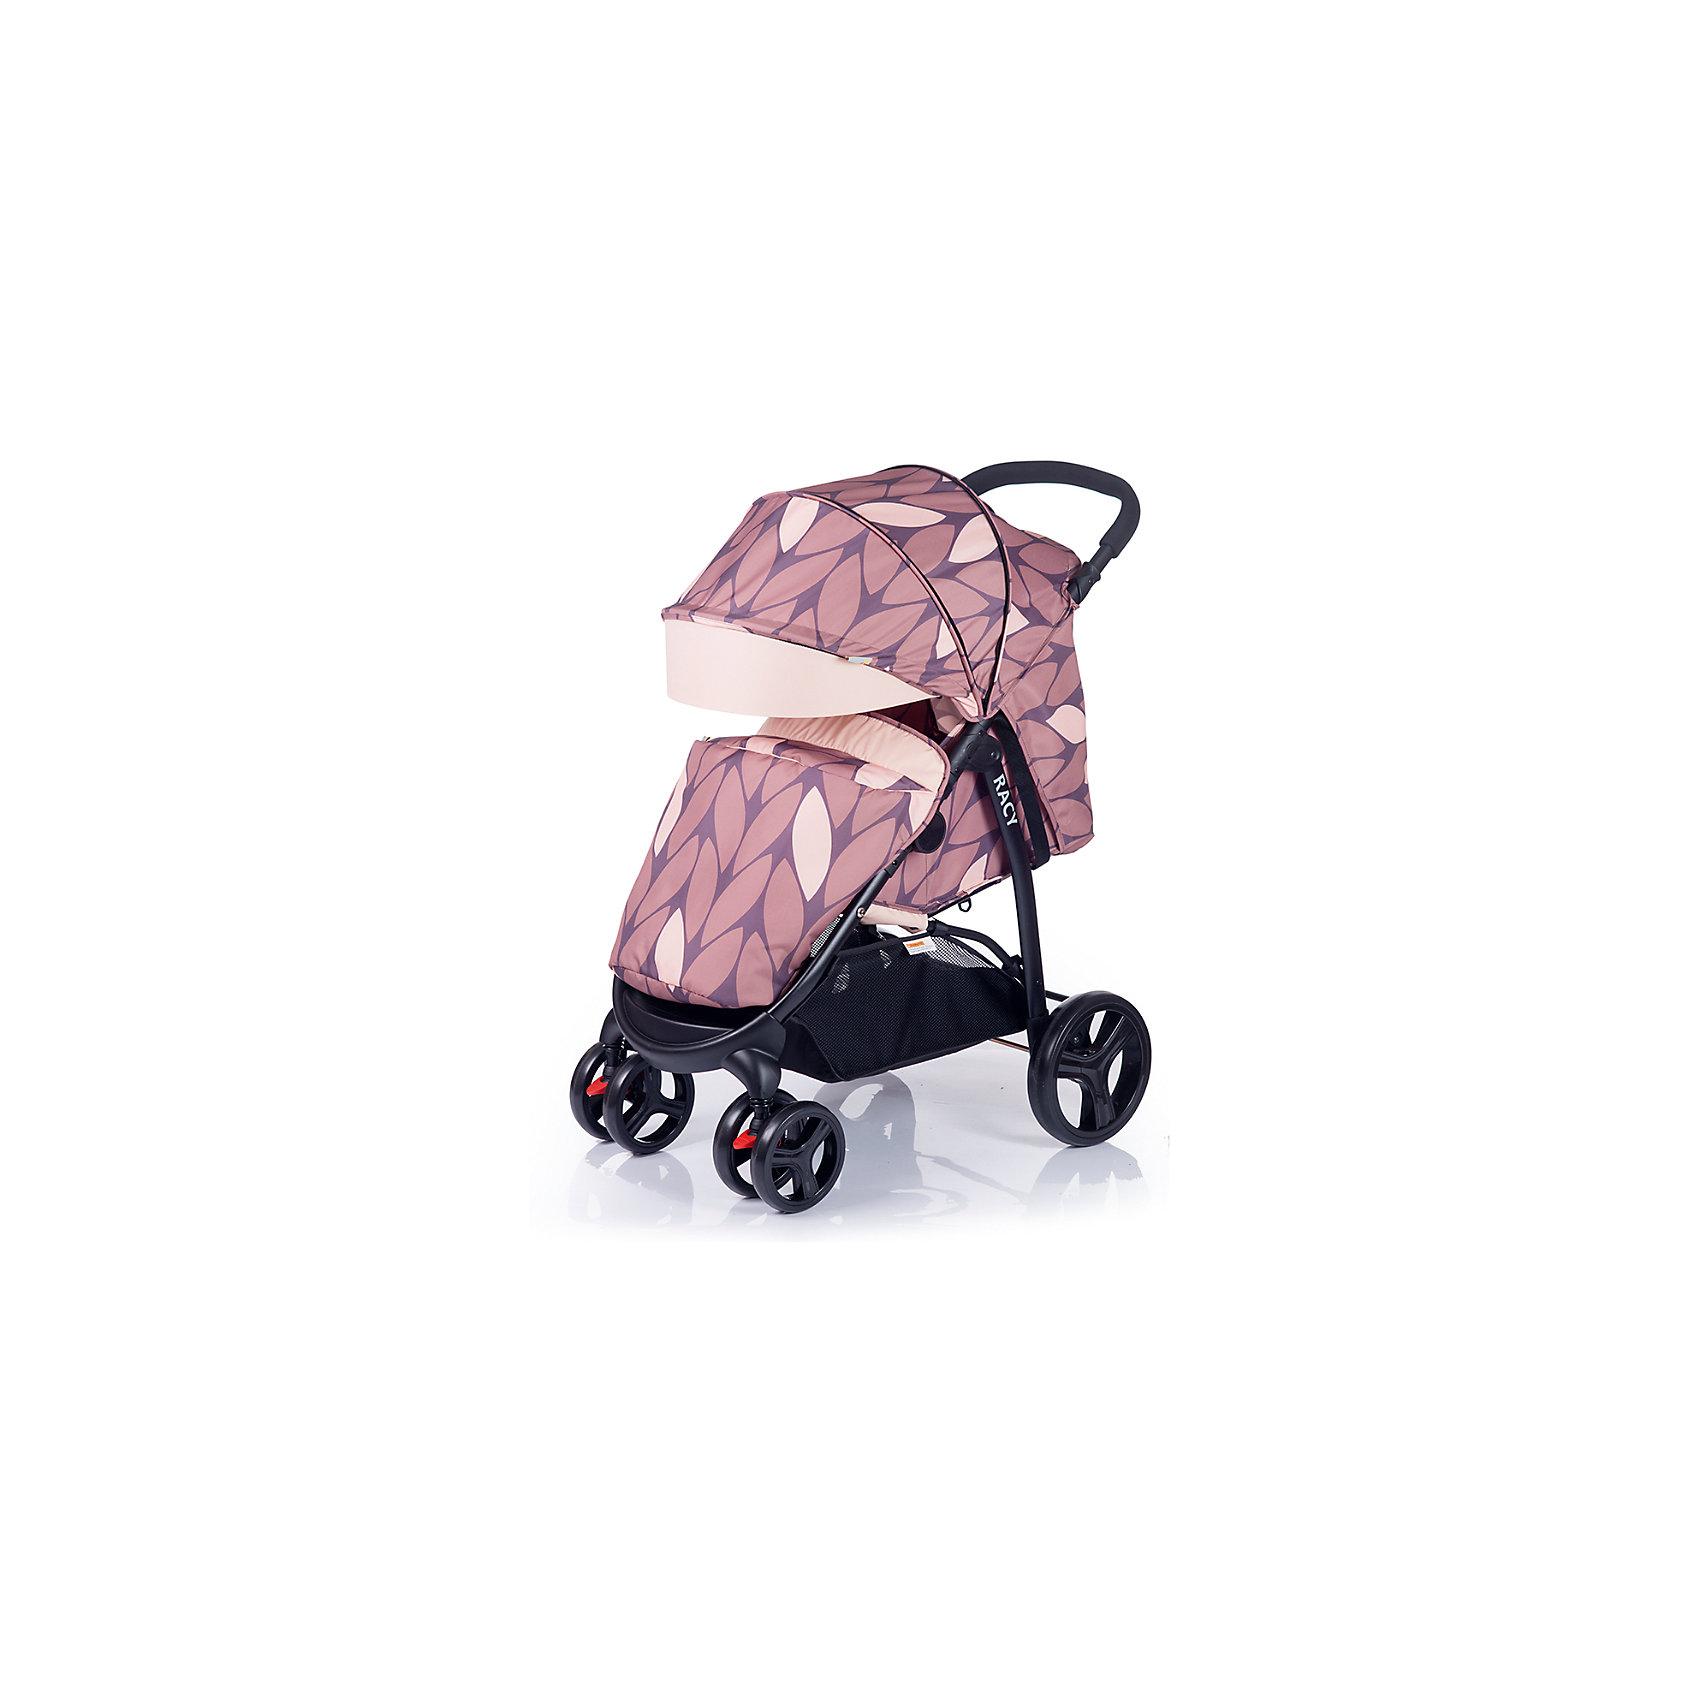 Прогулочная коляска BabyHit Racy, коричневыйПрогулочные коляски<br>Характеристики коляски<br><br>Прогулочный блок:<br><br>• горизонтальное положение спинки, угол наклона 170 градусов;<br>• подножка регулируется и удлиняет спальное место;<br>• имеется анатомический вкладыш с мягким подголовником;<br>• 5-ти точечные ремни безопасности;<br>• съемный защитный бампер с паховым ограничителем;<br>• капюшон-батискаф, опускается до бамера;<br>• калюшон оснащен солнцезащитным козырьком, смотровым окошком под клапаном и кармашком на липучке;<br>• пластиковая подножка для подросшего малыша;<br>• в комплект входит чехол на ножки и москитная сетка;<br>• материал: пластик, полиэстер;<br>• длина спального места: 75 см;<br>• ширина сиденья: 34 см<br>• высота спинки: 40 см;<br>• глубина сиденья: 22 см.<br><br>Рама коляски:<br><br>• коляска складывается вместе с прогулочным блоком по типу книжки;<br>• имеется корзина для покупок;<br>• плавающие передние колеса с фиксаторами;<br>• диаметр колес: 16,8 см, 24,8 см;<br>• материал колес: псевдорезина;<br>• материал рамы: алюминий.<br><br>Размер коляски: 85х58х105 см<br>Размер коляски в сложенном виде: 88х58х35 см<br>Вес коляски: 9,2 кг<br>Размер упаковки: 78х45х27 см<br>Вес в упаковке: 10 кг<br><br>Прогулочную коляску RACY, Babyhit, коричневую можно купить в нашем интернет-магазине.<br><br>Ширина мм: 450<br>Глубина мм: 275<br>Высота мм: 780<br>Вес г: 10000<br>Возраст от месяцев: 6<br>Возраст до месяцев: 36<br>Пол: Унисекс<br>Возраст: Детский<br>SKU: 5584574